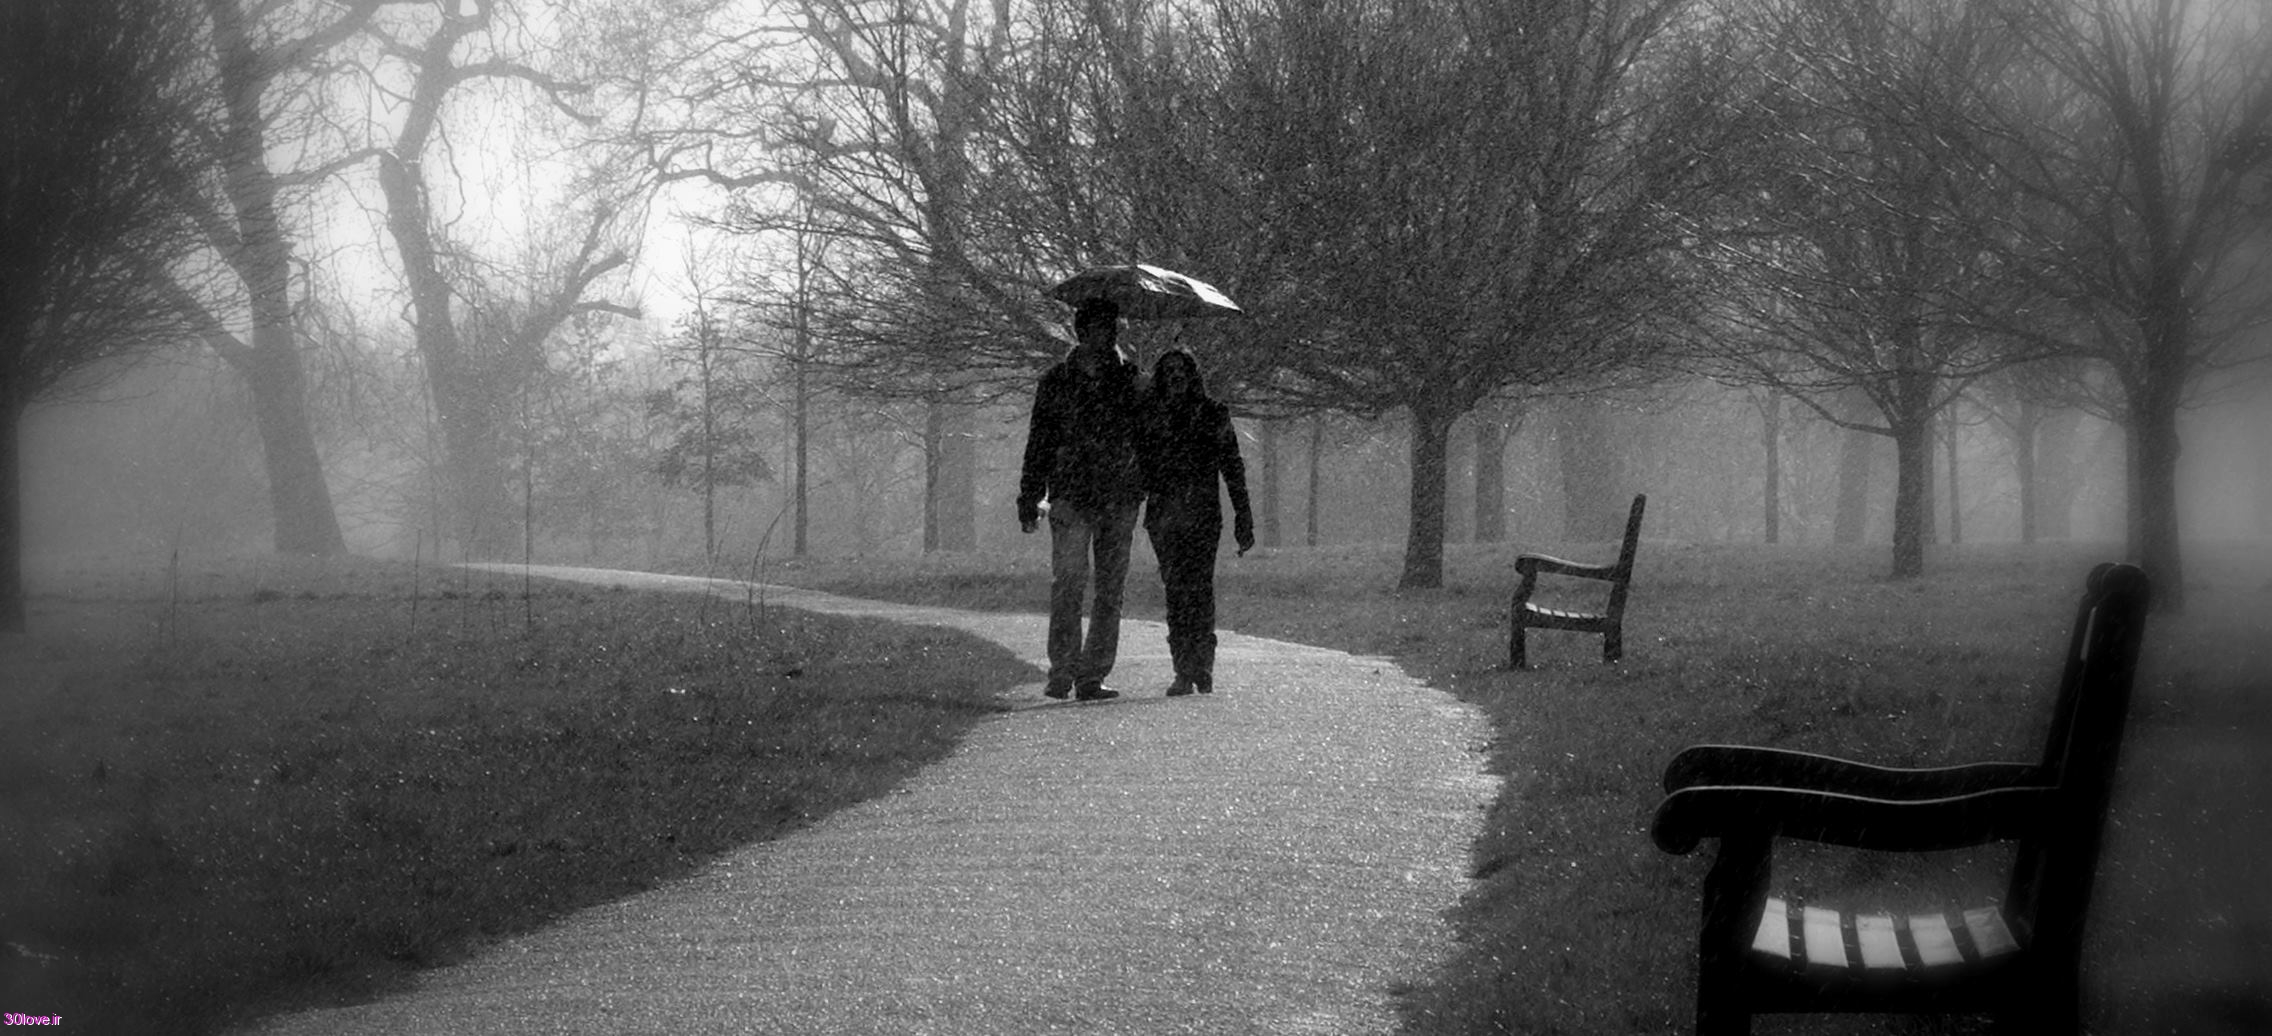 زدن با عکسهای قدم زدن با عشق زیر باران